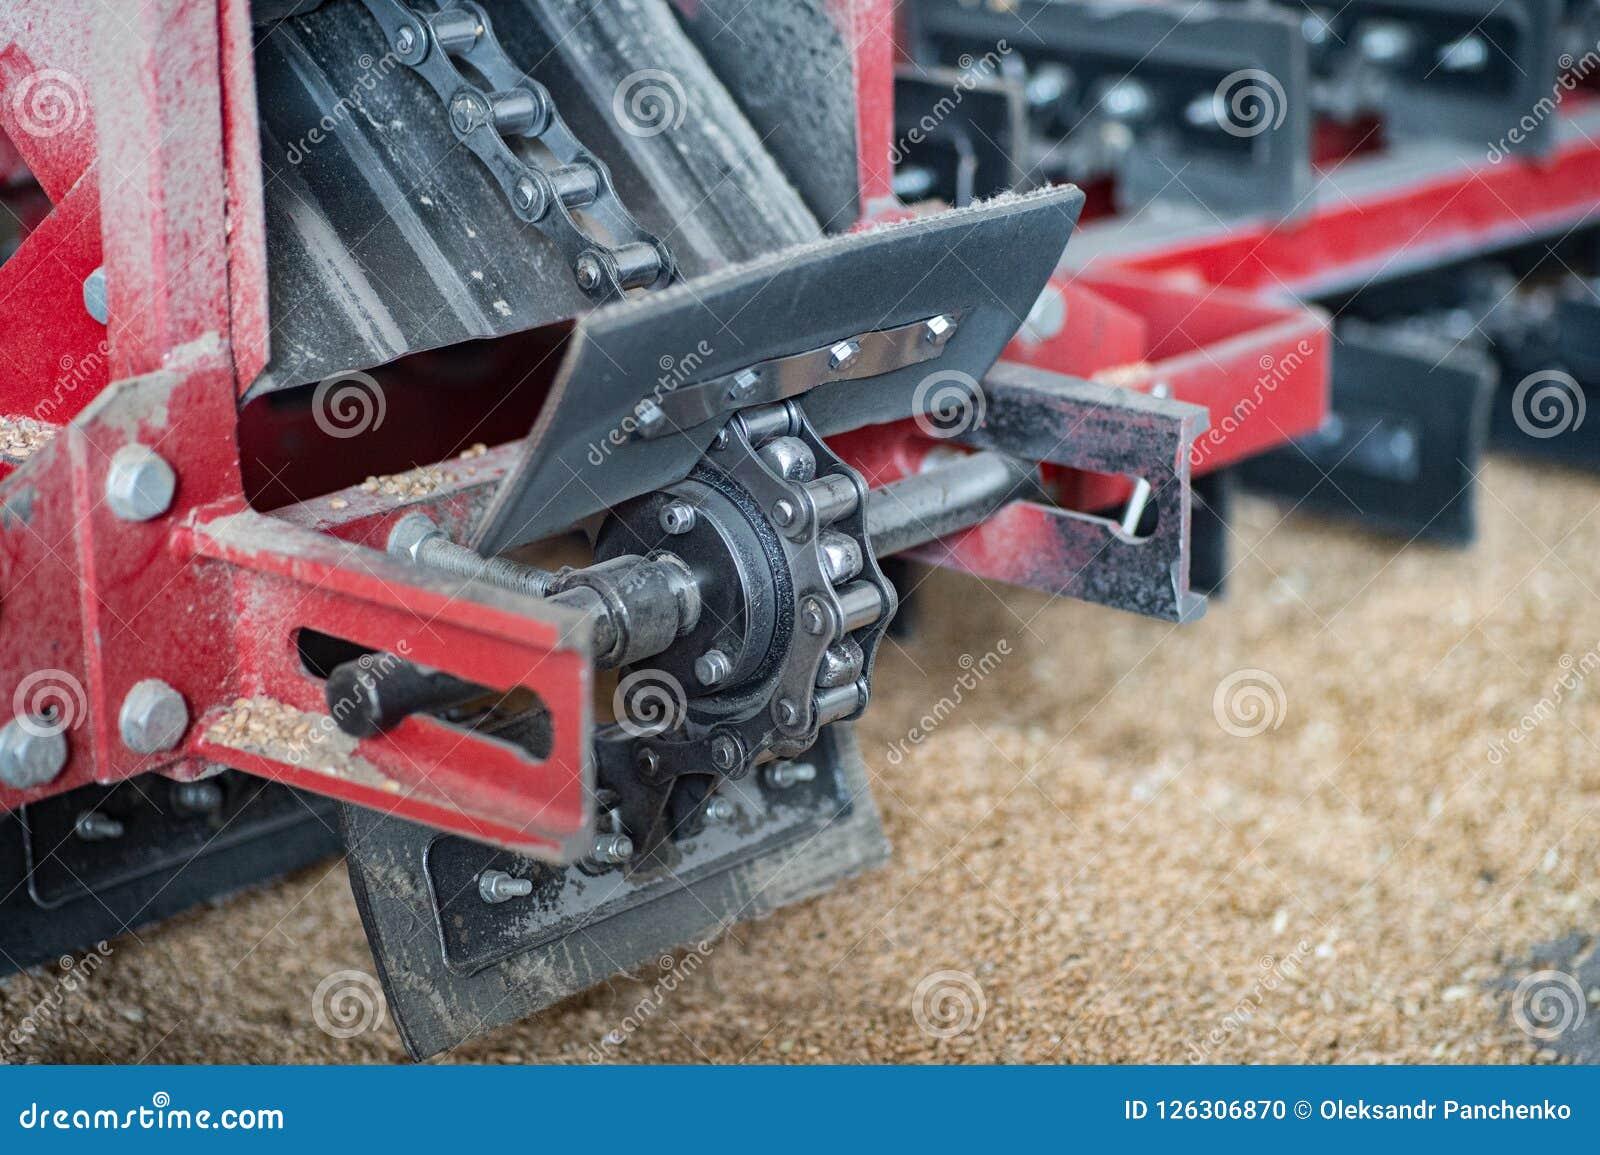 Механизм транспортера отбойка угля в забое обушком и наваливание его лопатой на конвейер 13 букв